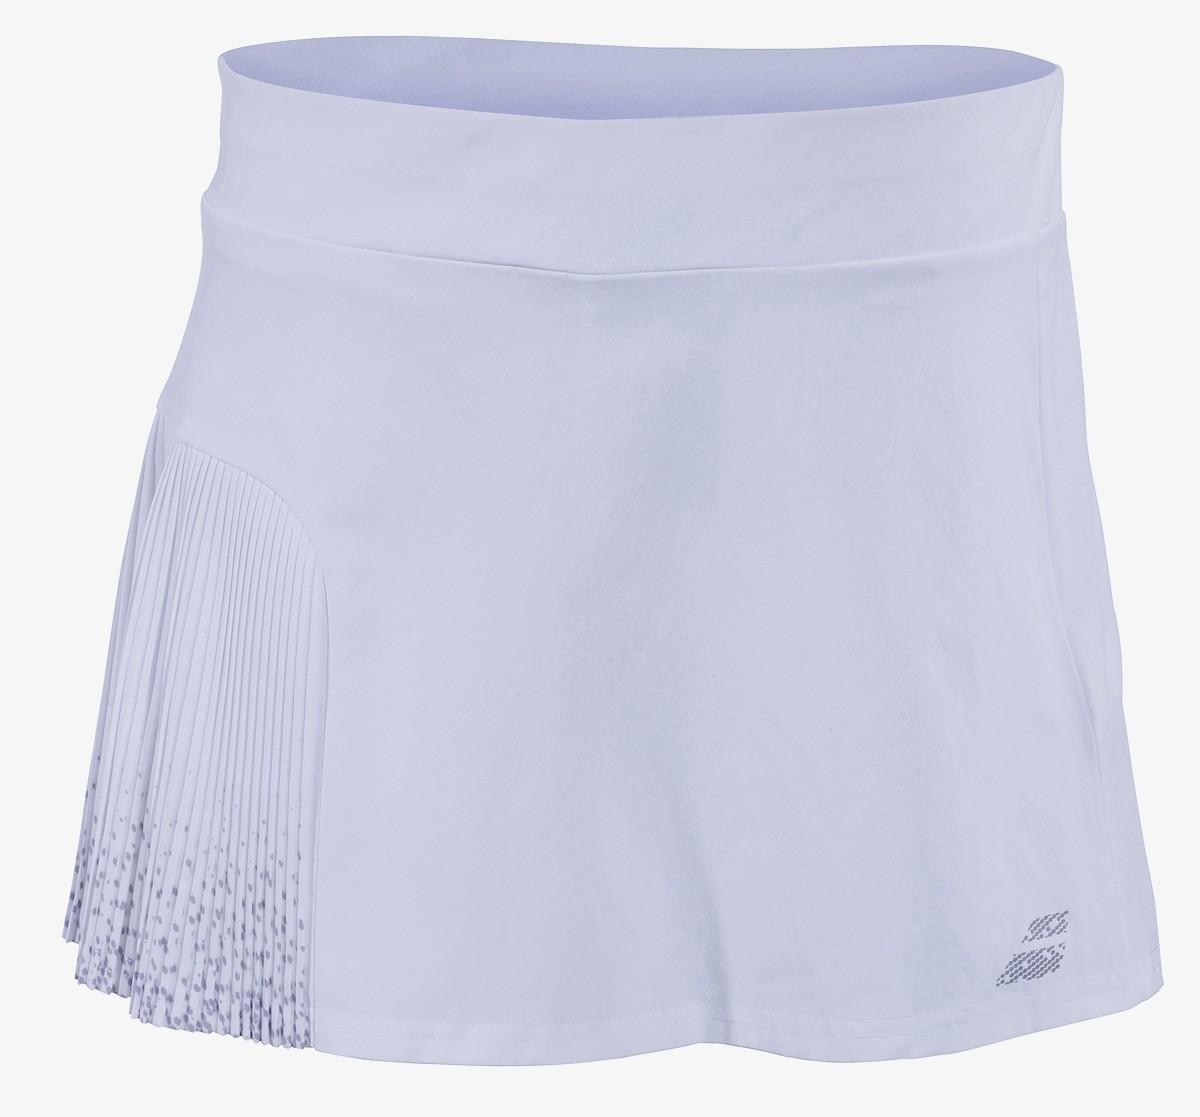 Spódniczka tenisowa dziewczęca Babolat PERF Skirt White -50%